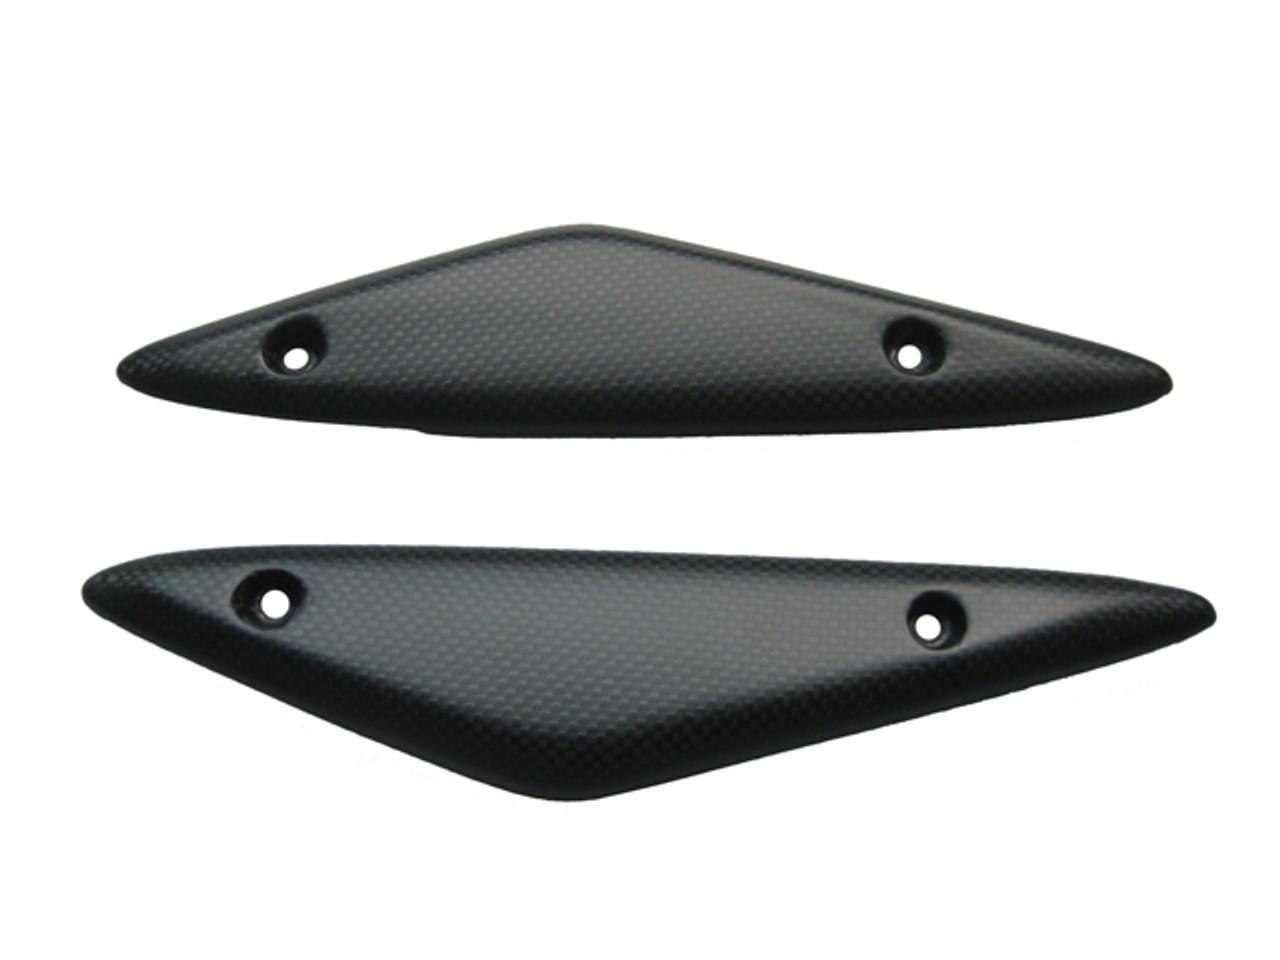 Front Body Panels in Matte Plain Weave Carbon Fiber for Ducati Hyperstrada, Hypermotard 821 2013+